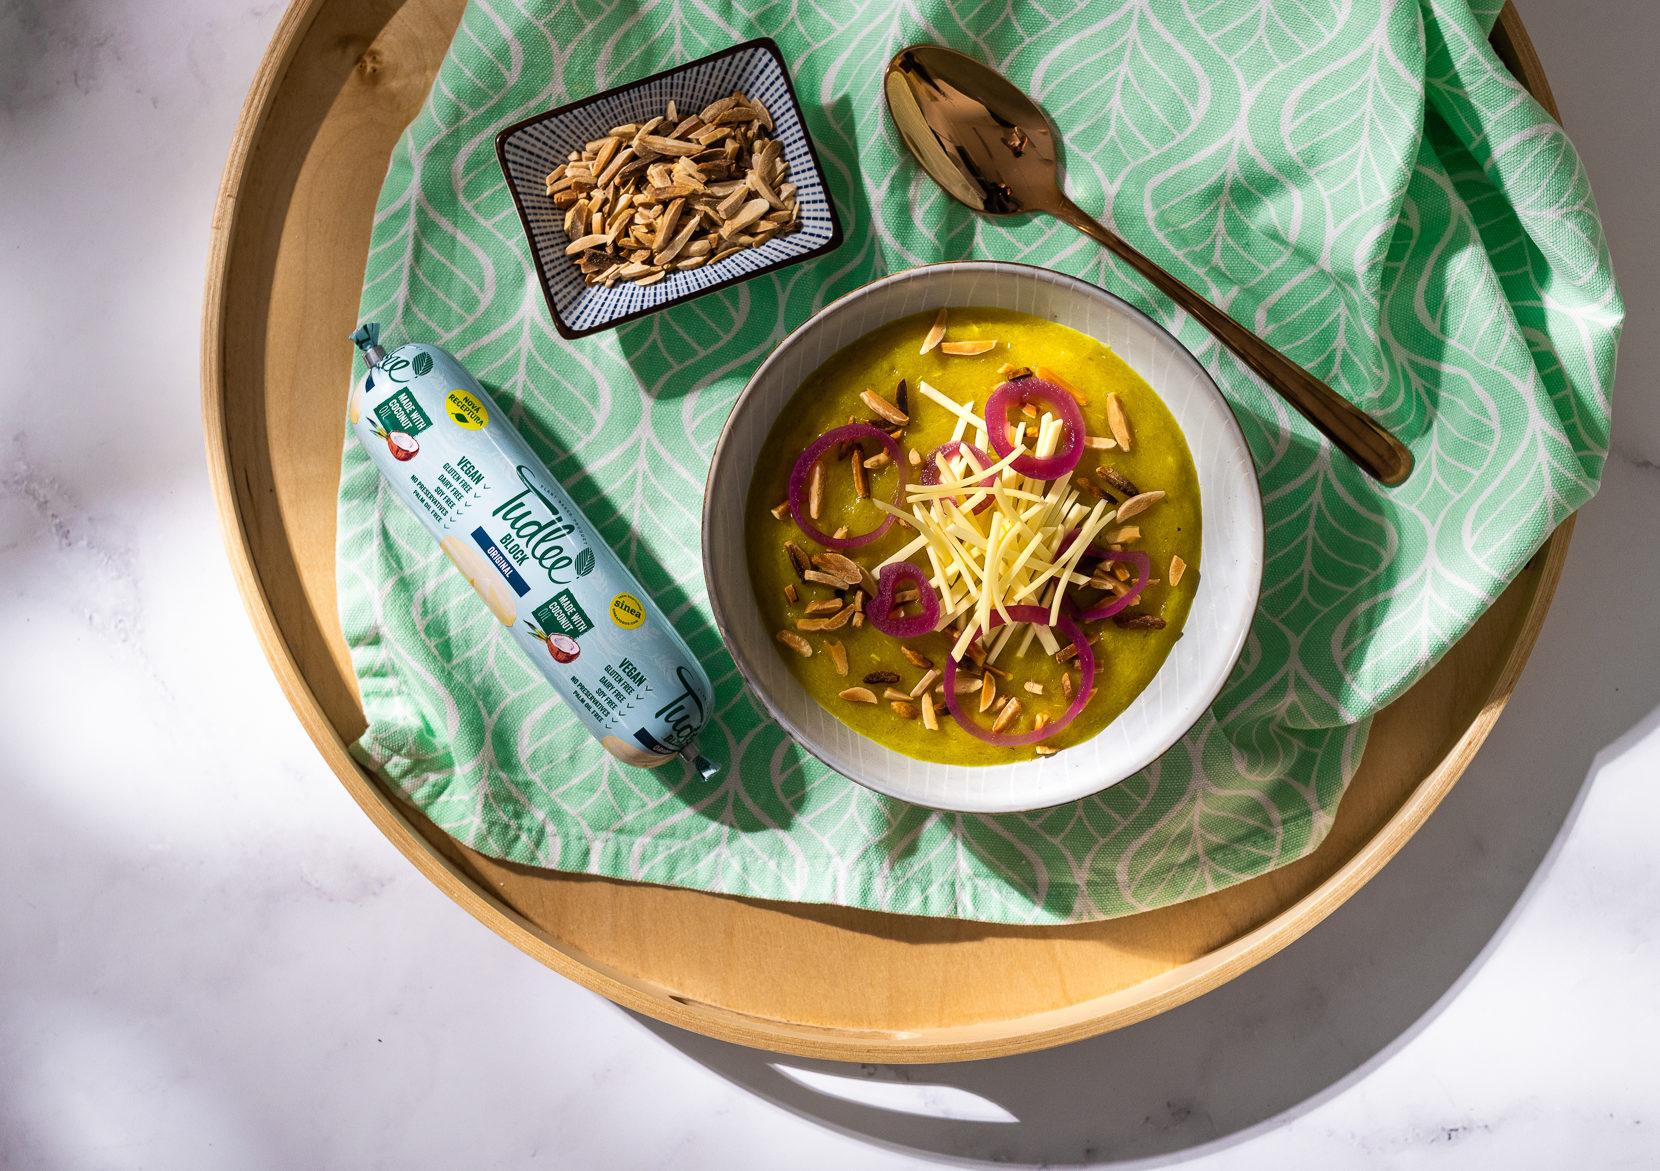 Cibulový krém sTudlee sýrem a praženými mandlemi